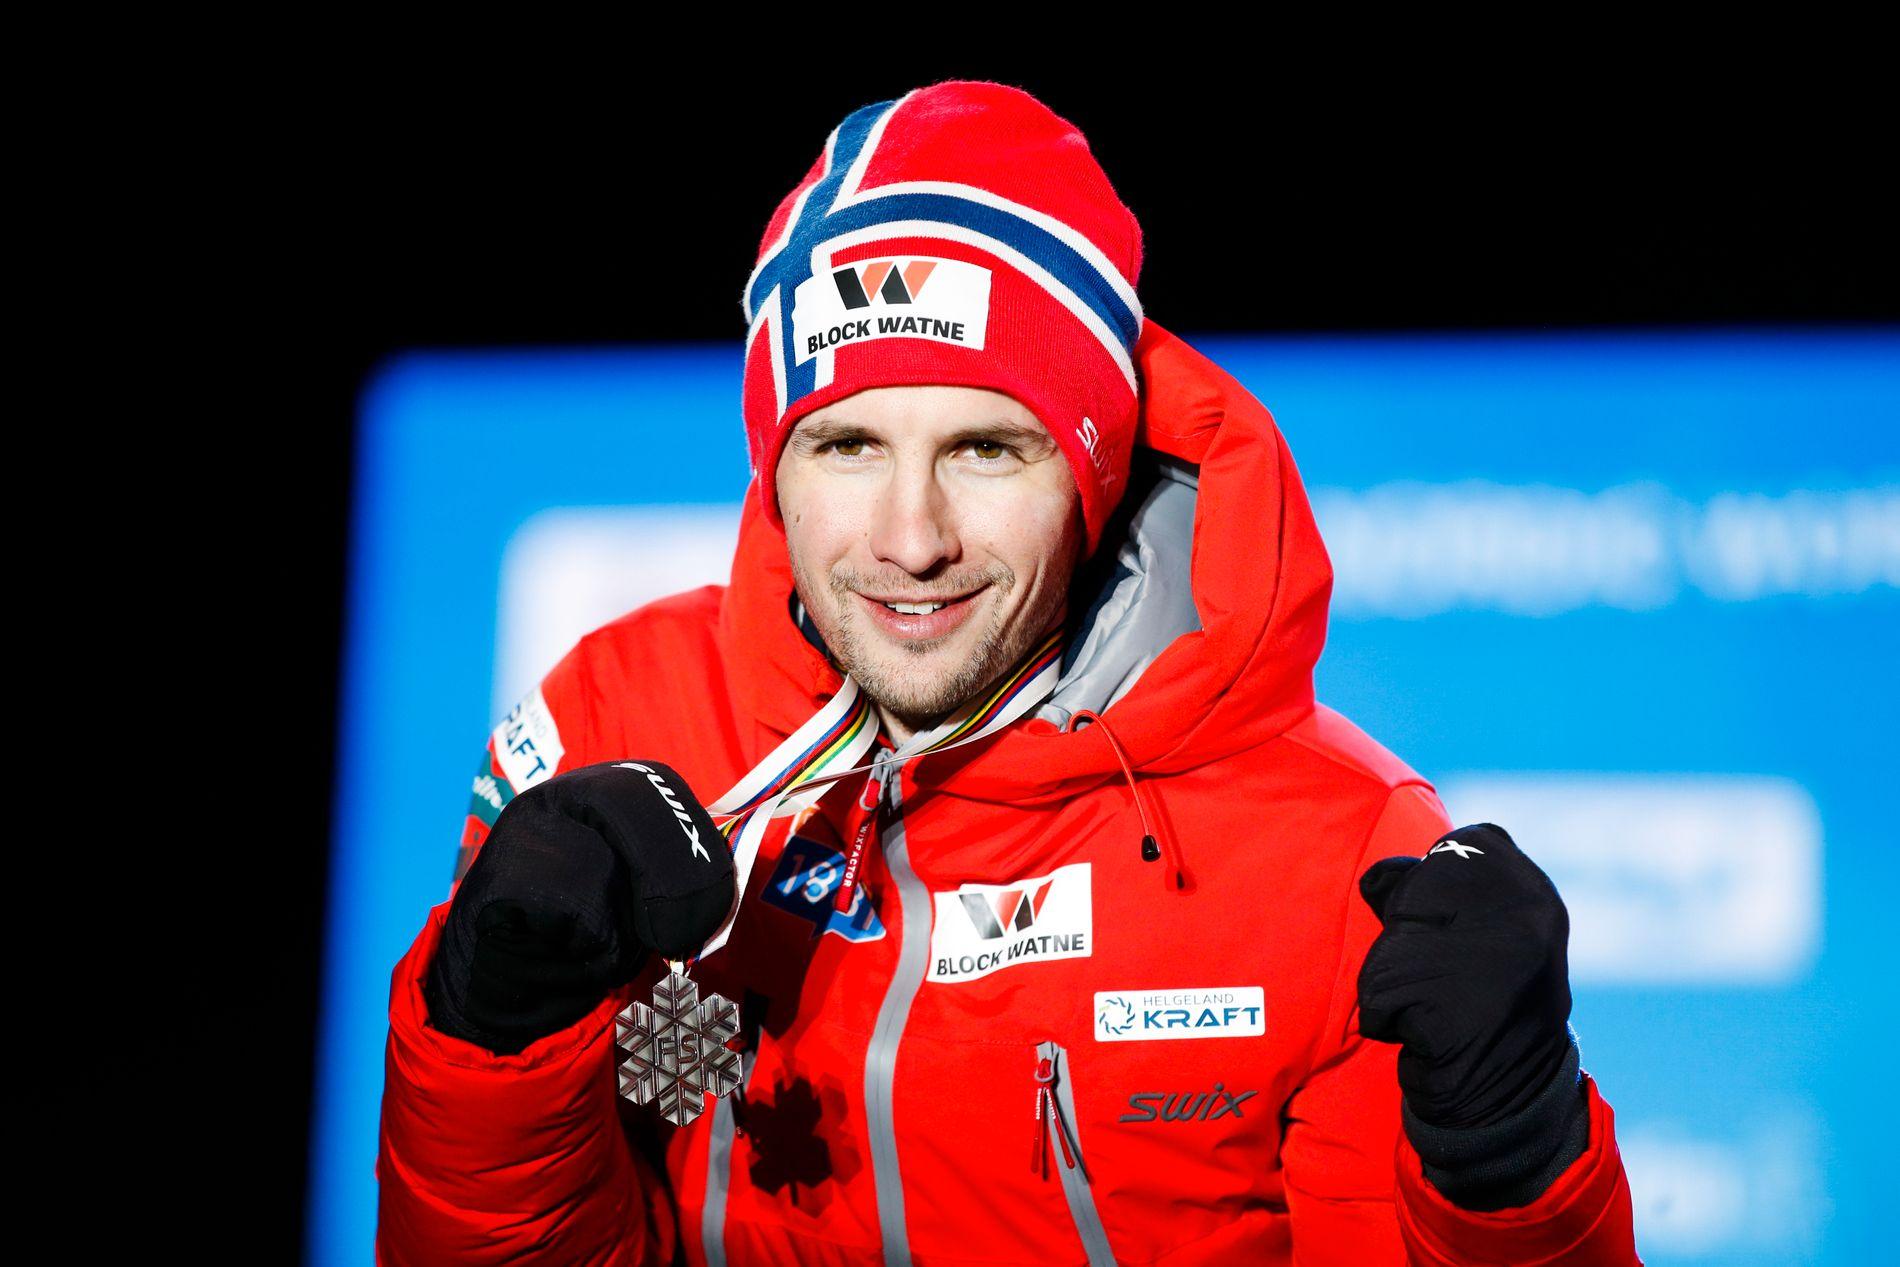 Jan Schmid på podiet etter å ha tatt Norges første individuelle VM-medalje i kombinert på ti år.